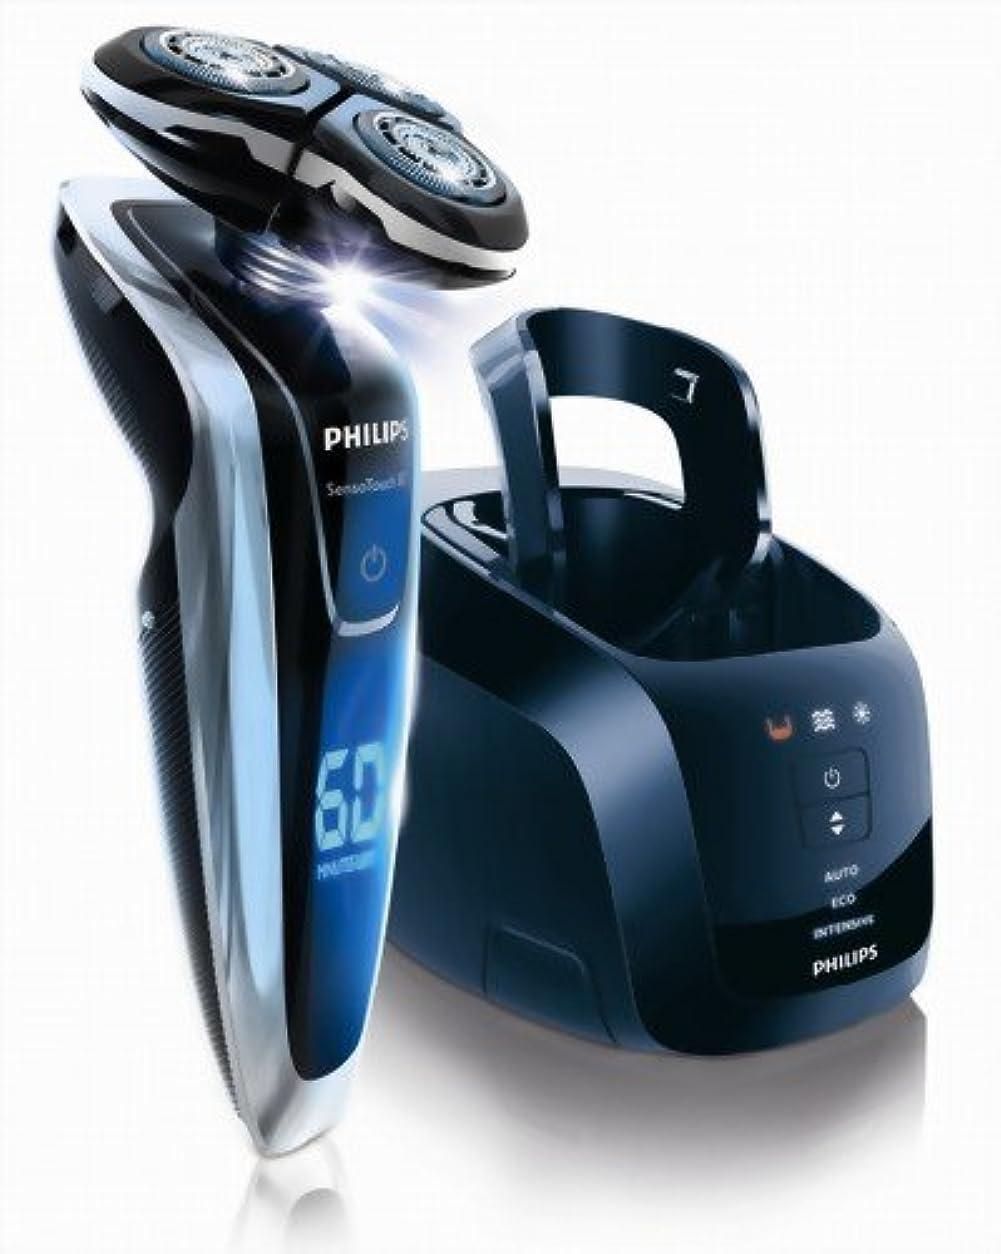 ダース清めるハウジングPHILIPS 3Dシェーバー【洗浄充電器付】センソタッチ3D RQ1280CC